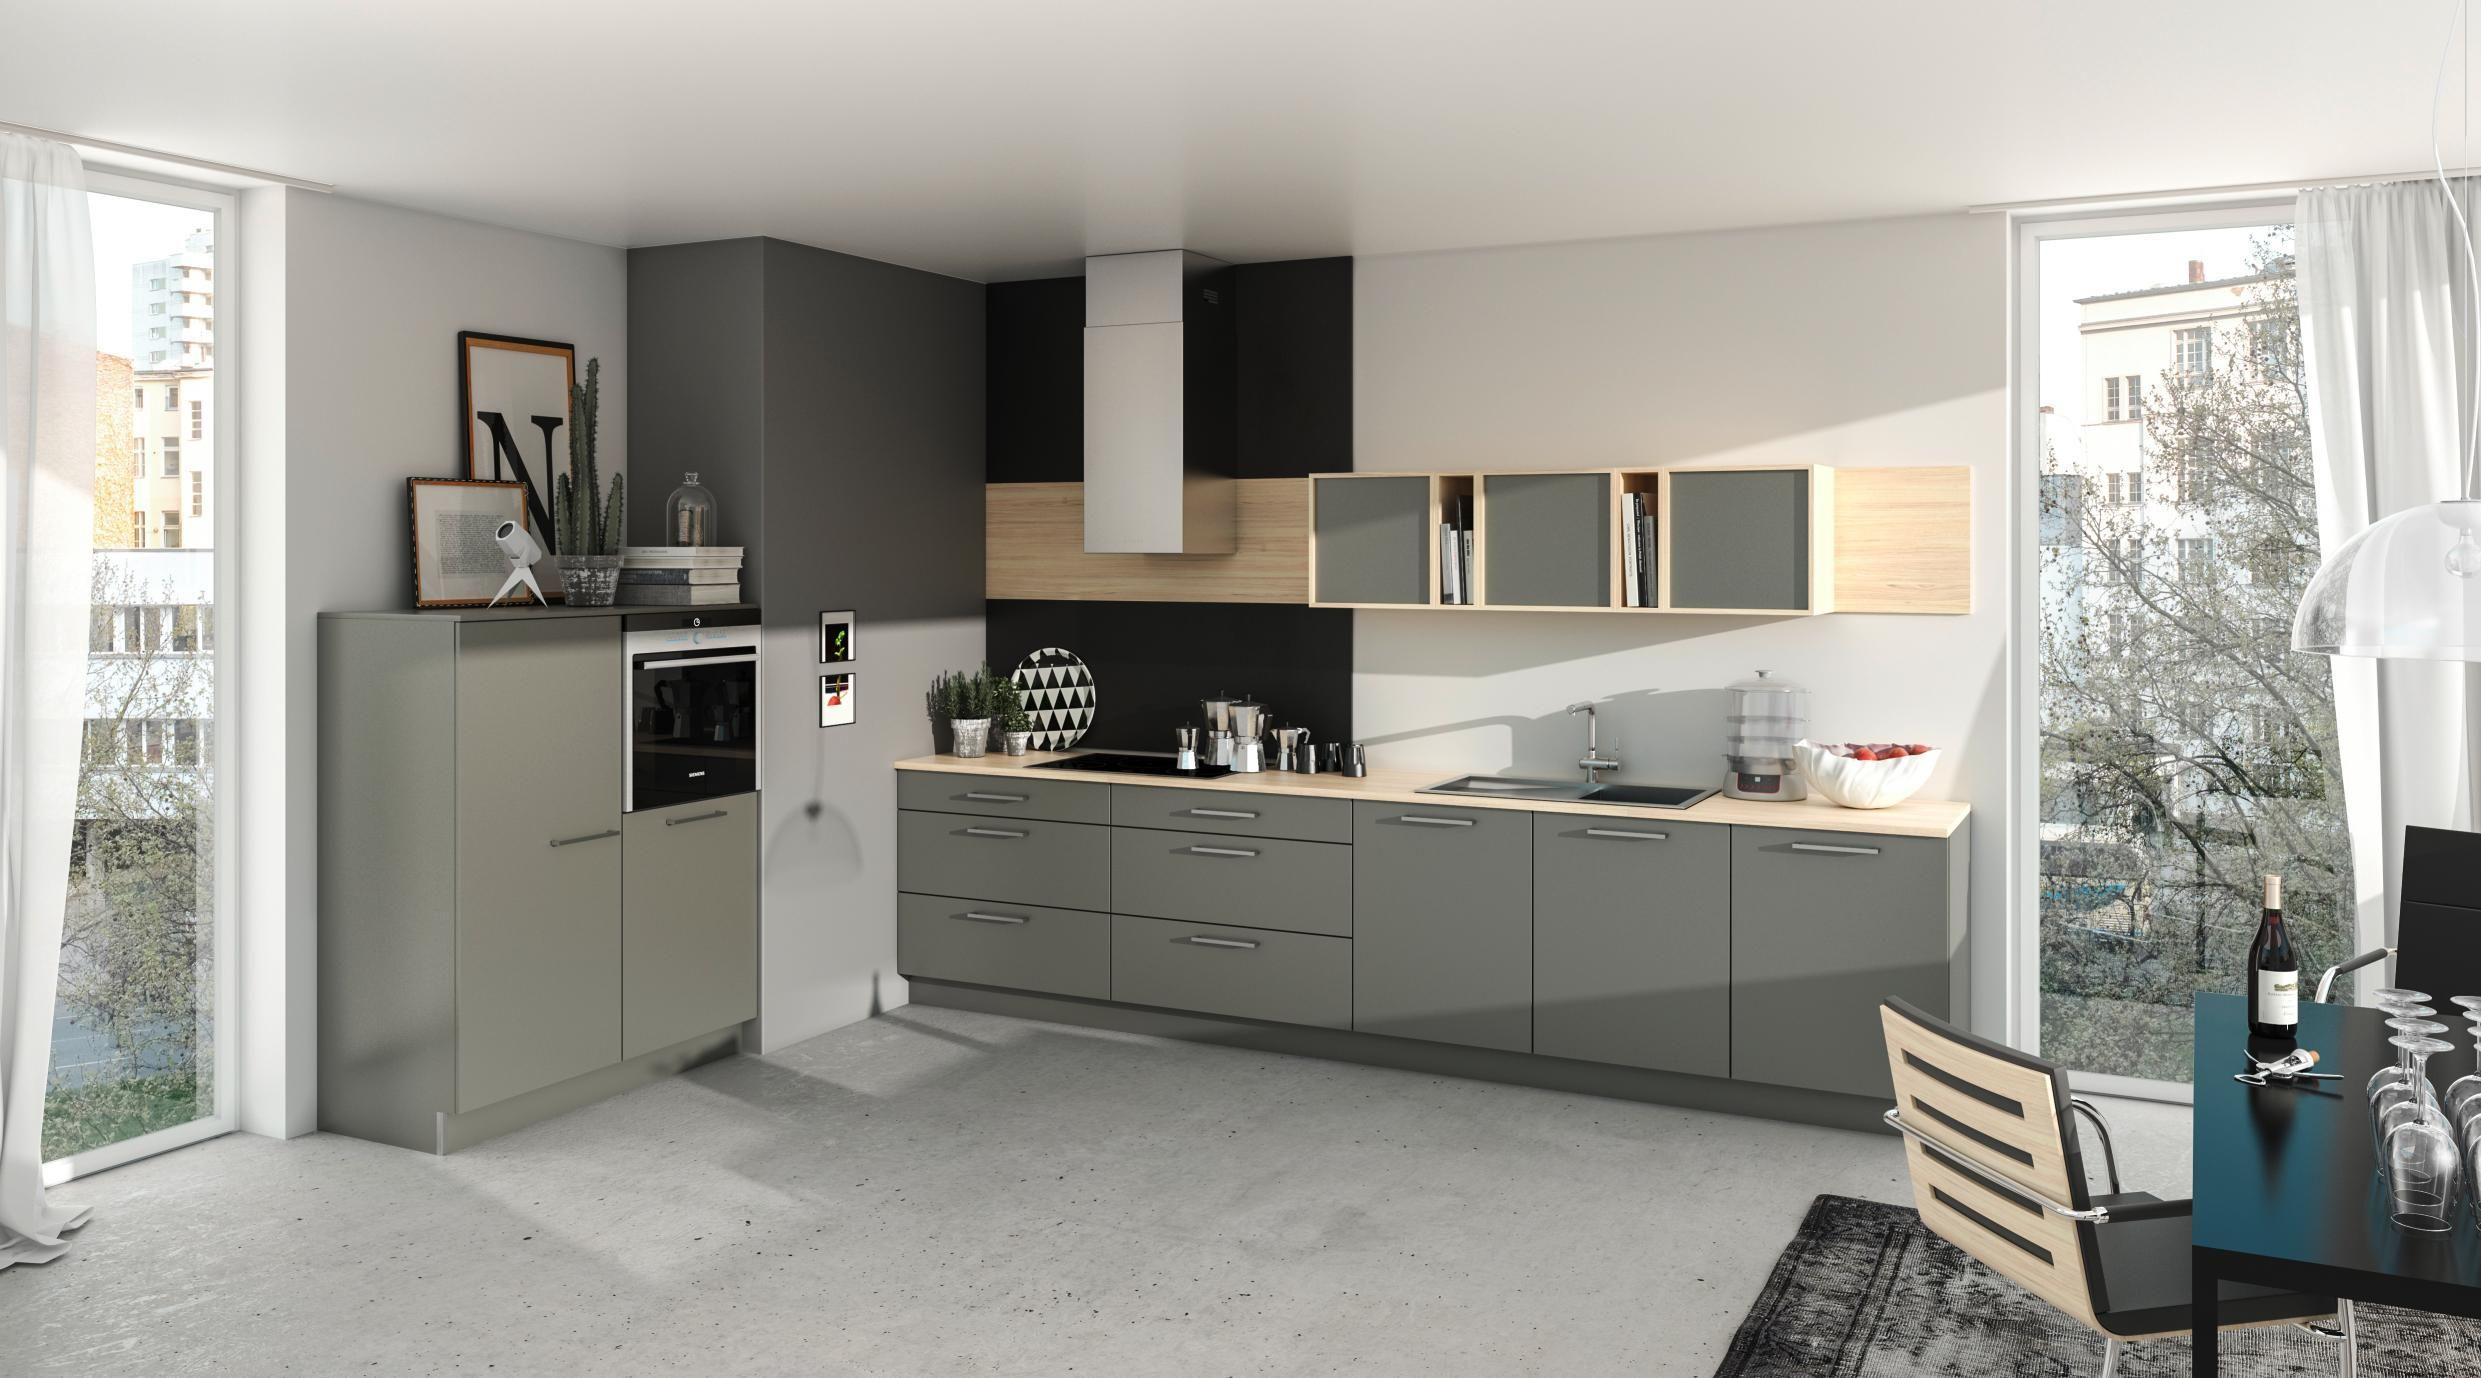 einbauk che k chen einbauk che k che und eingebaut. Black Bedroom Furniture Sets. Home Design Ideas